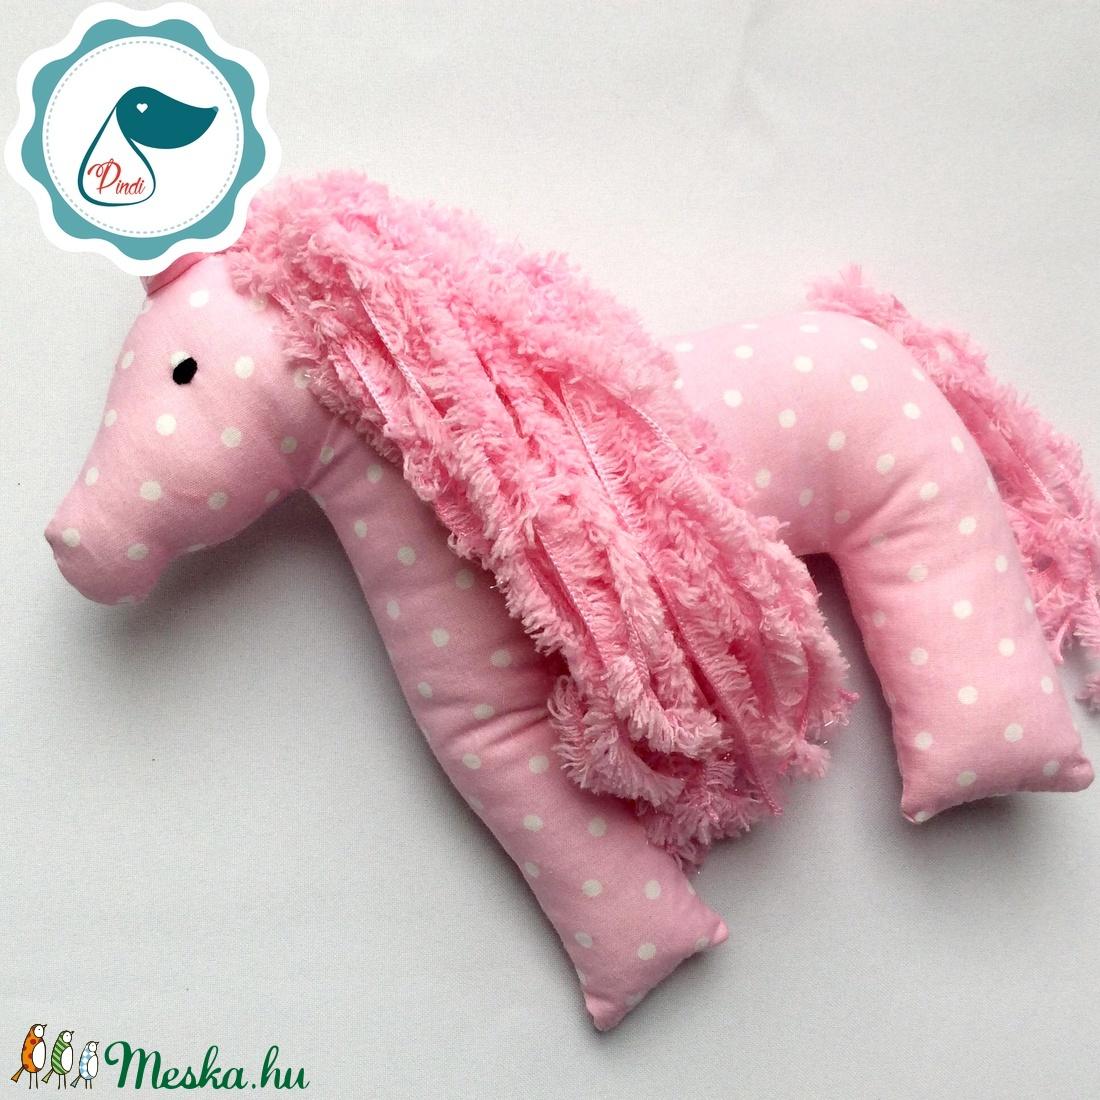 Lovacska - Rózsaszín pöttyös egyedi tervezésű kézműves játék - ló textiljáték  - Meska.hu